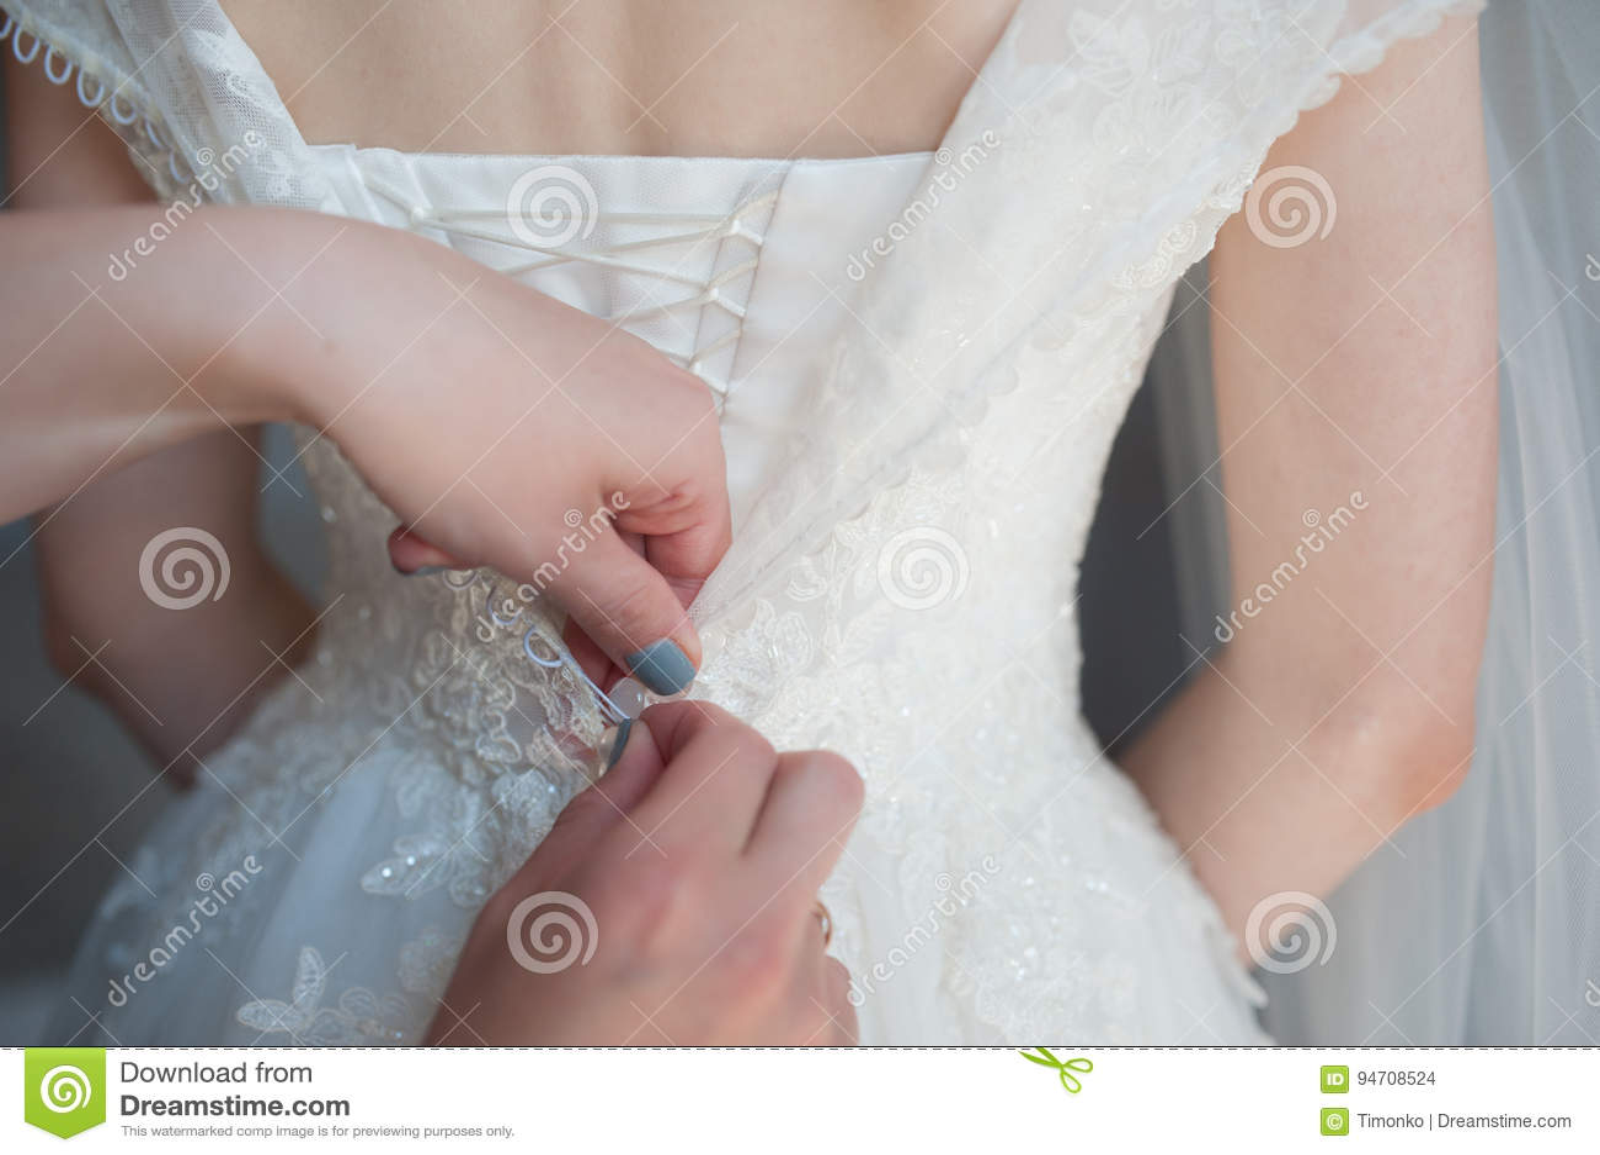 Prendendo o vestido, asseguração no vestido do ` s da noiva, taxas do botão do ` s da noiva, vestido de casamento